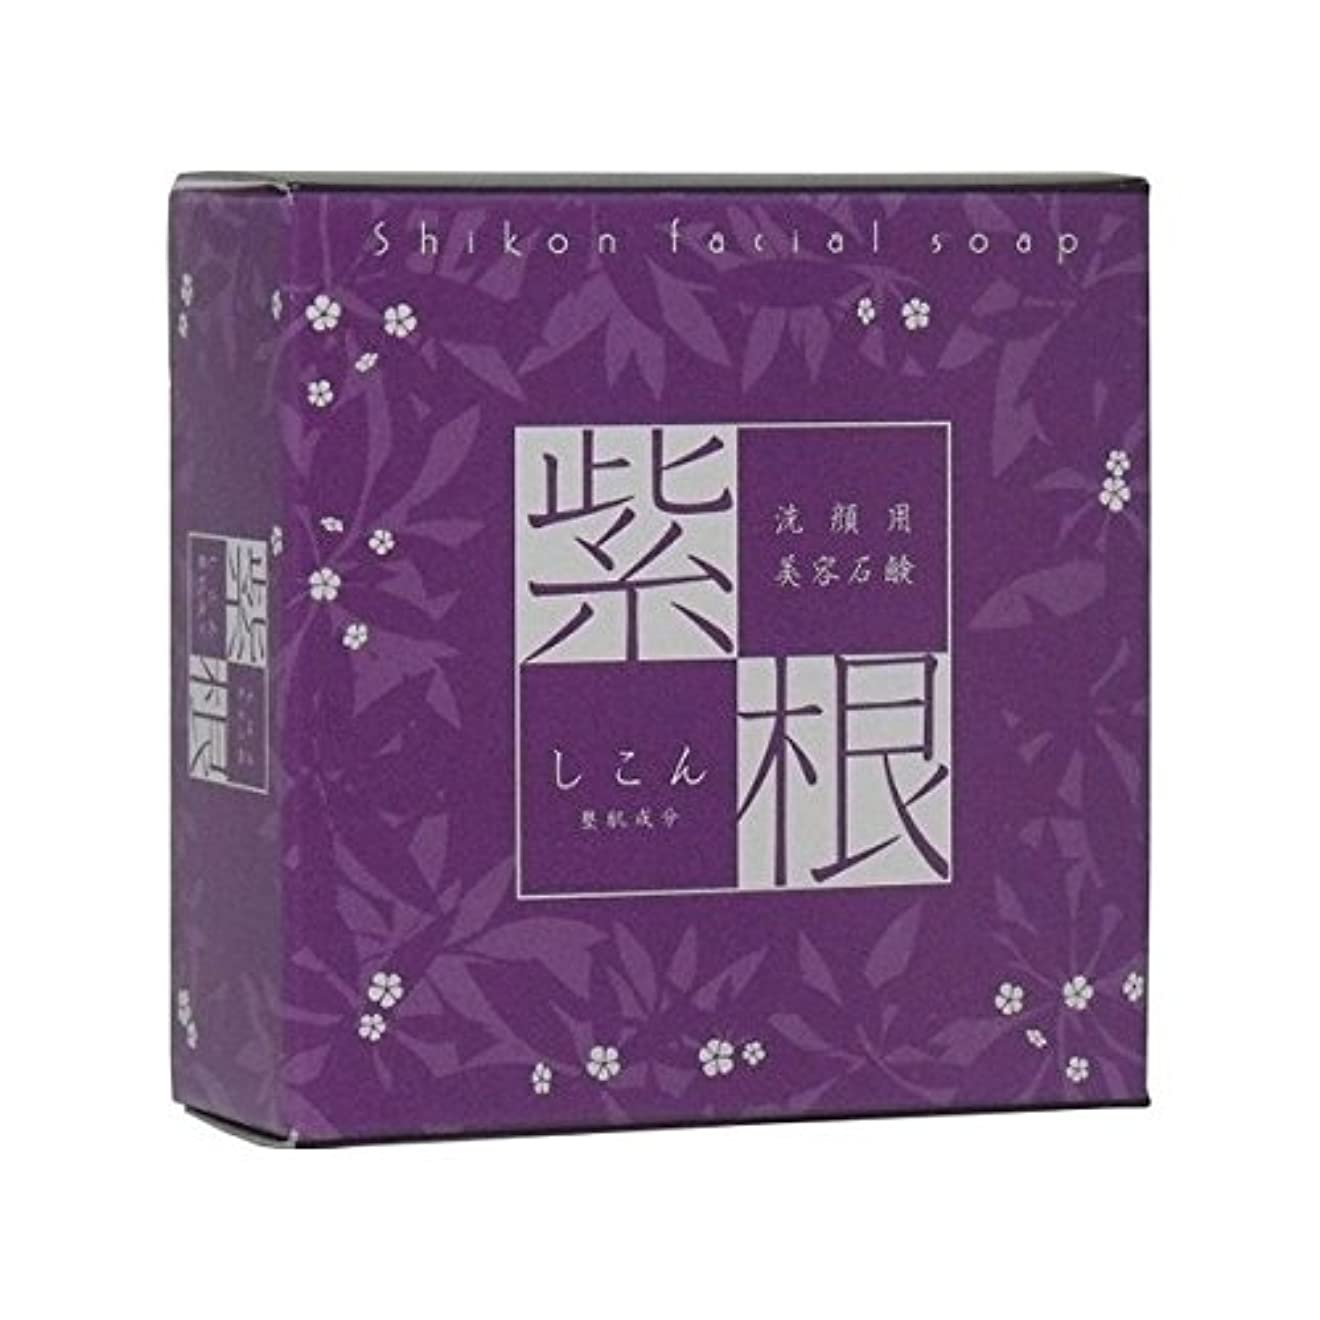 心のこもった神変動する紫根石鹸110g(オリジナル泡立てネット付き)3個セット【魔女たちの22時で話題!】